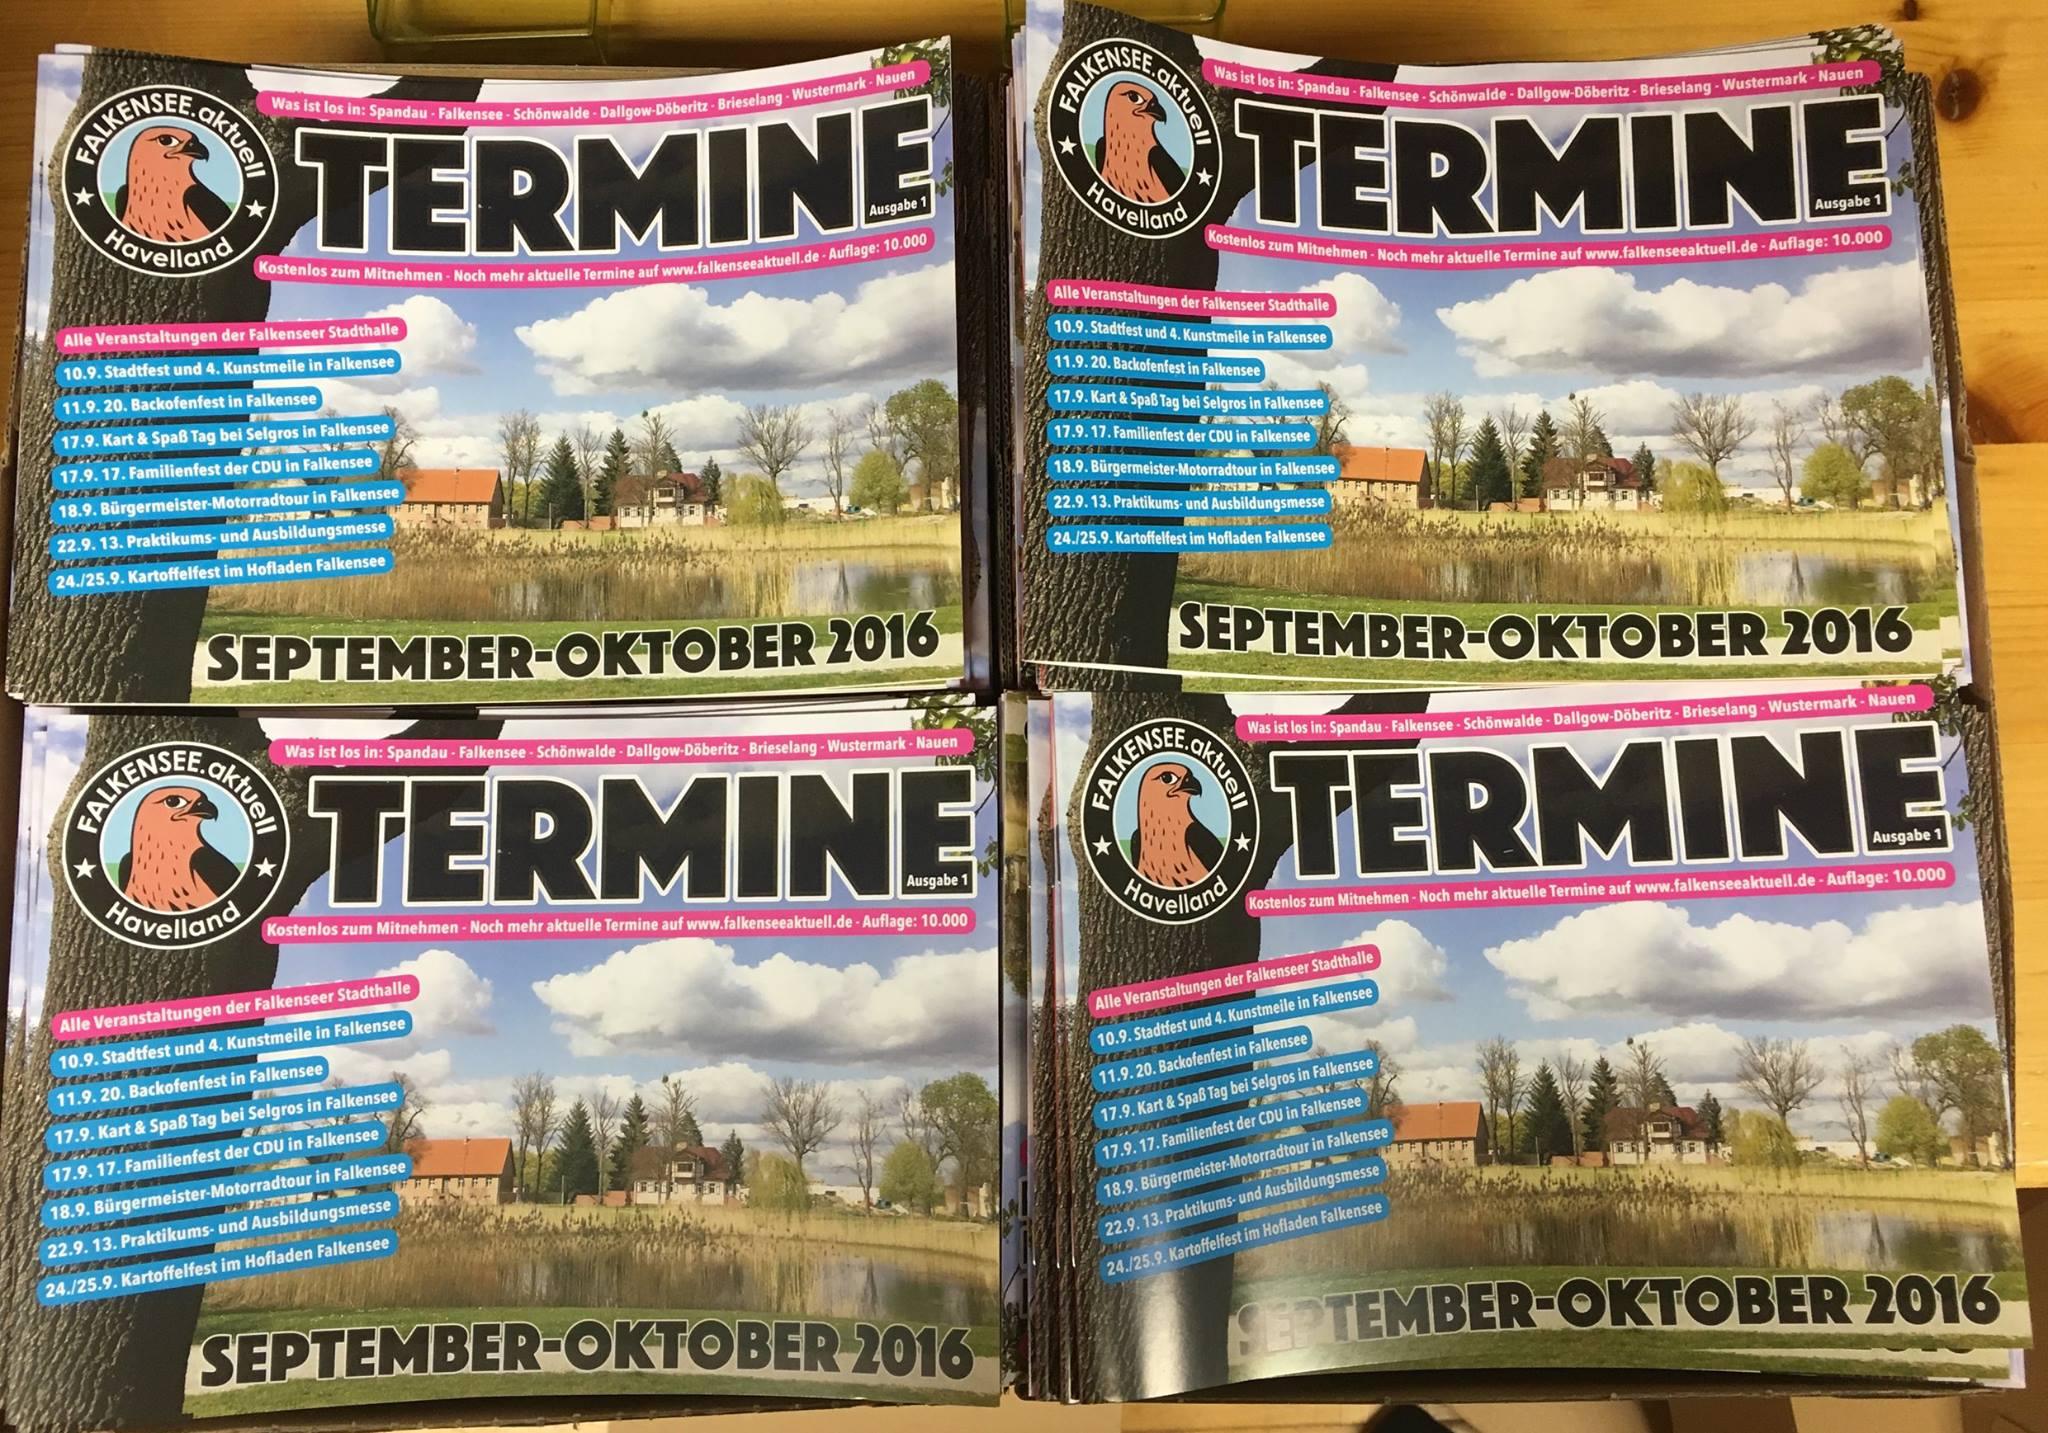 Neuer Terminkalender von Falkensee.Aktuell - das Heft erscheint jeden Monat neu